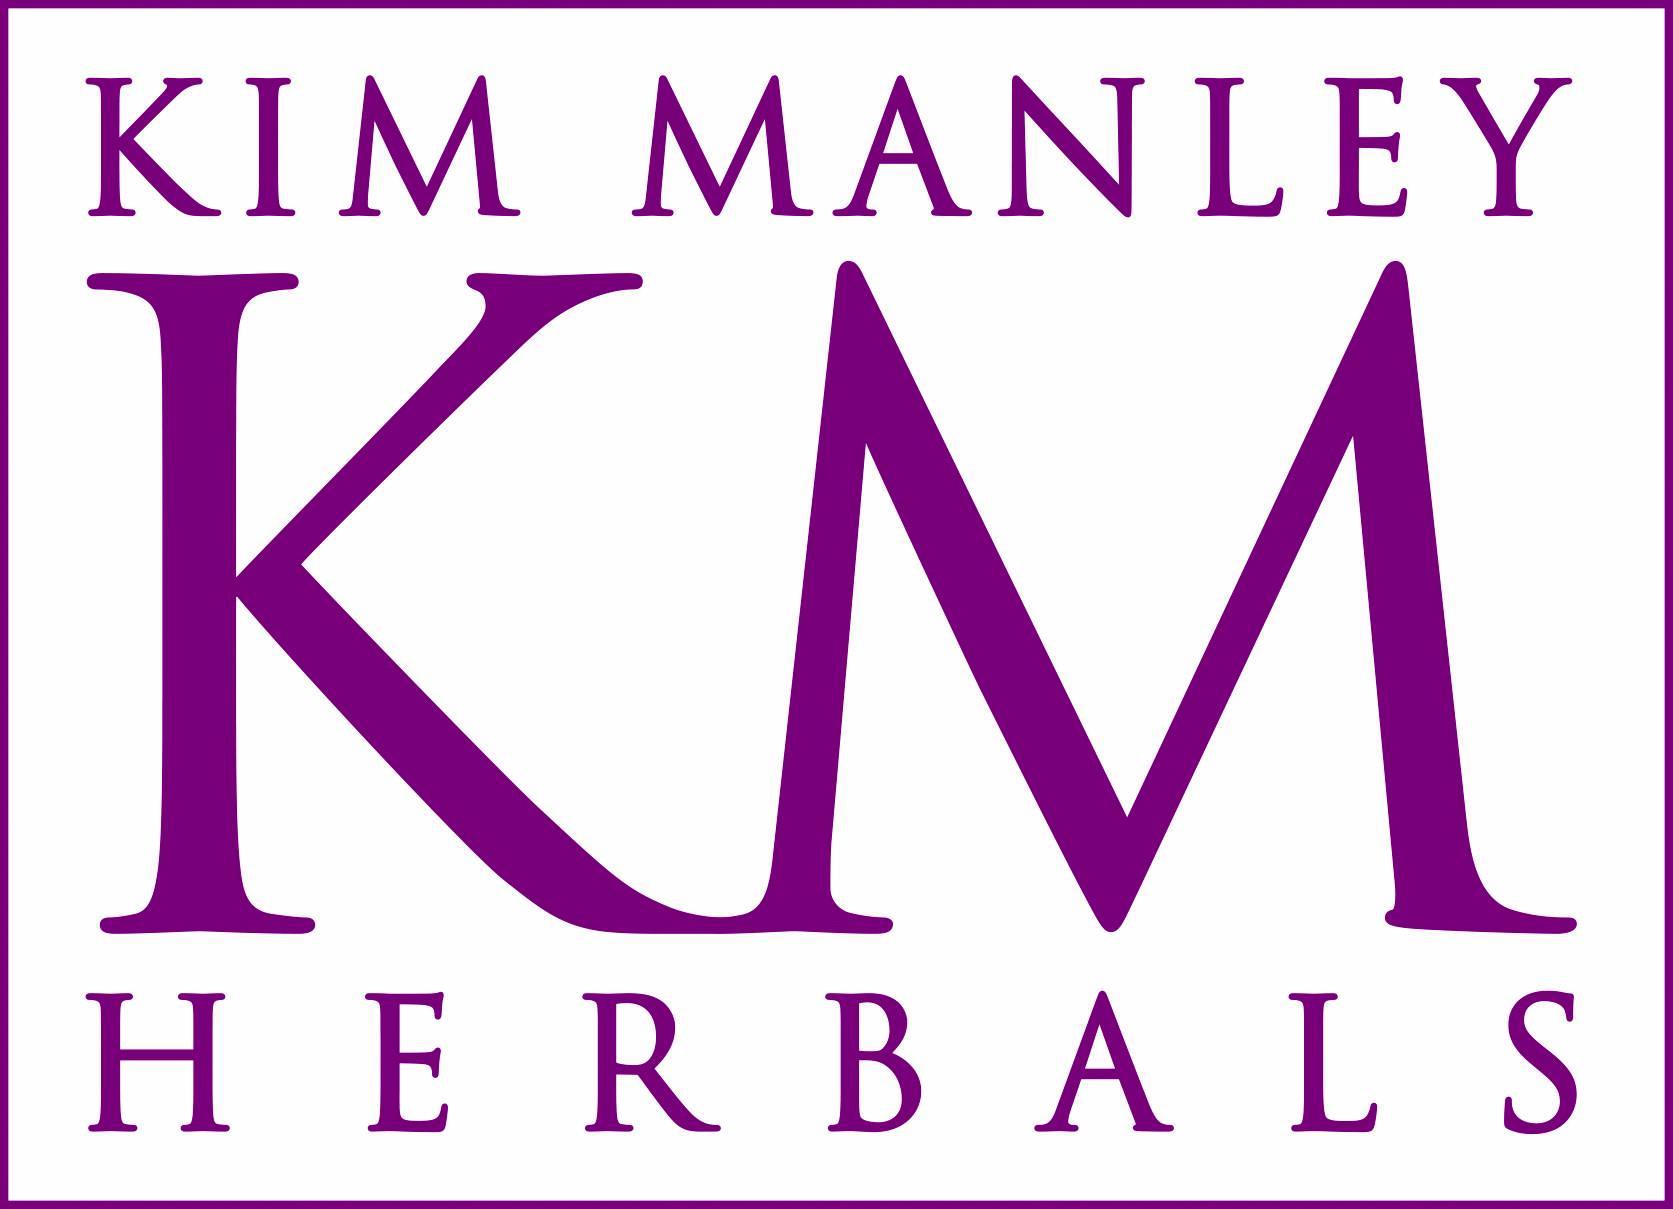 KMH Purple maroon logo copy.jpg